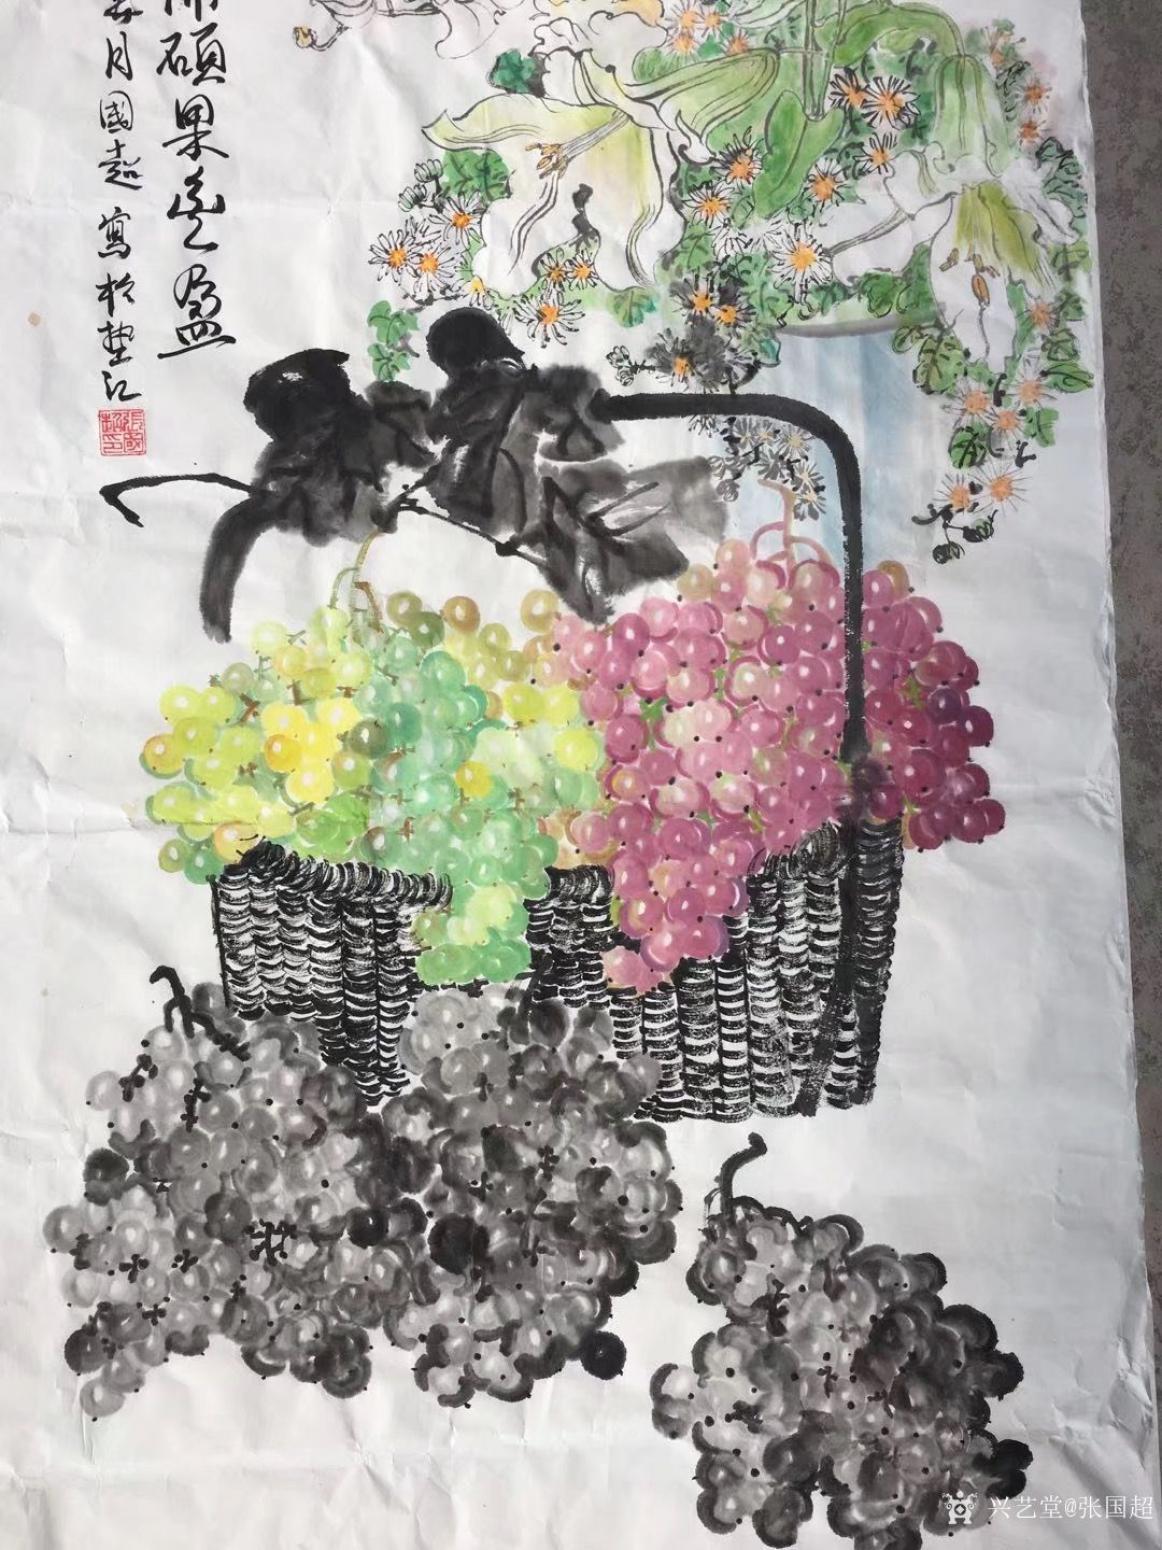 张国超国画作品《鲜花盛开硕果丰盈》【图1】